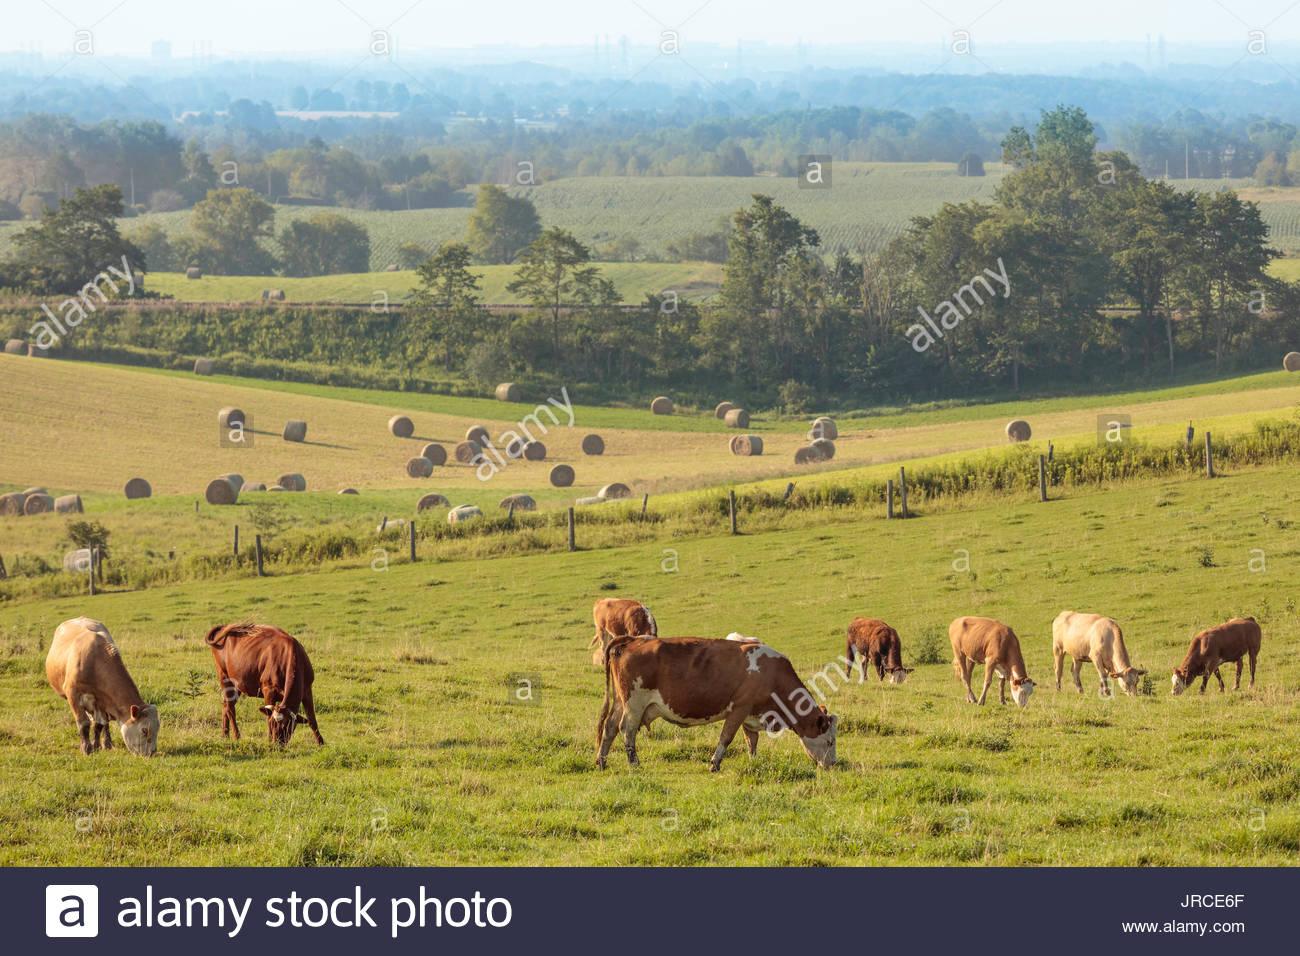 oak-ridges-moraine-cattle-cow-cows-farm-